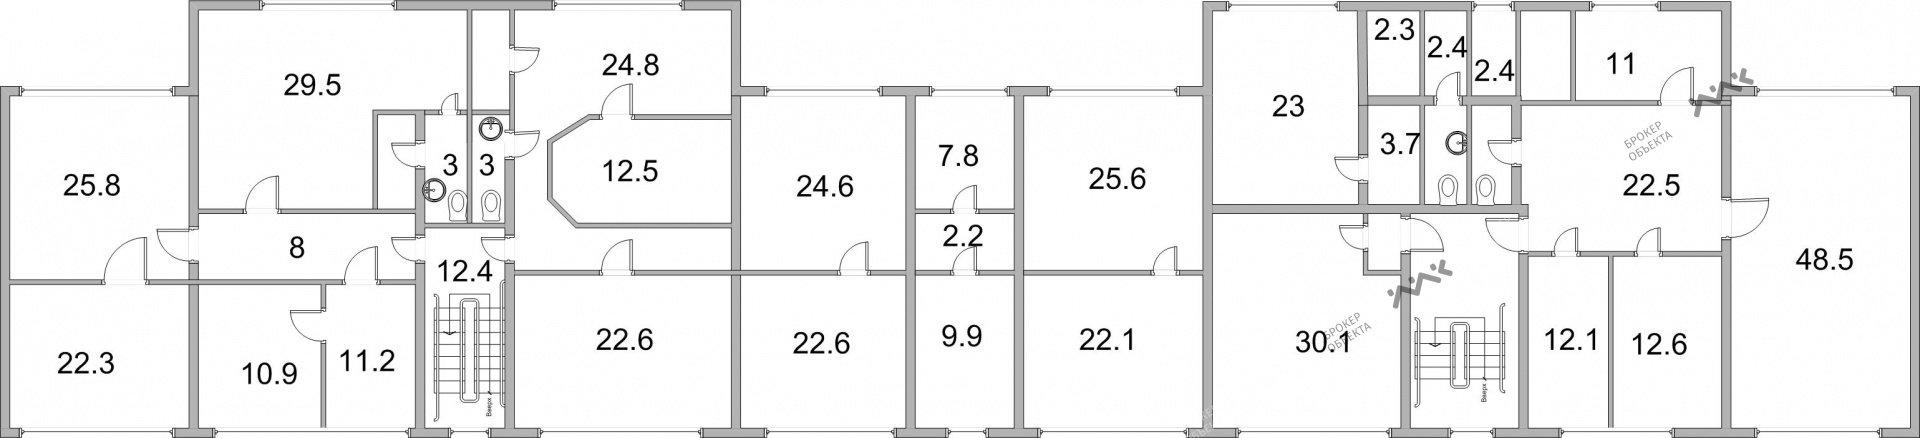 Планировка Ленинский проспект, д.168, к.4. Лот № 1581753